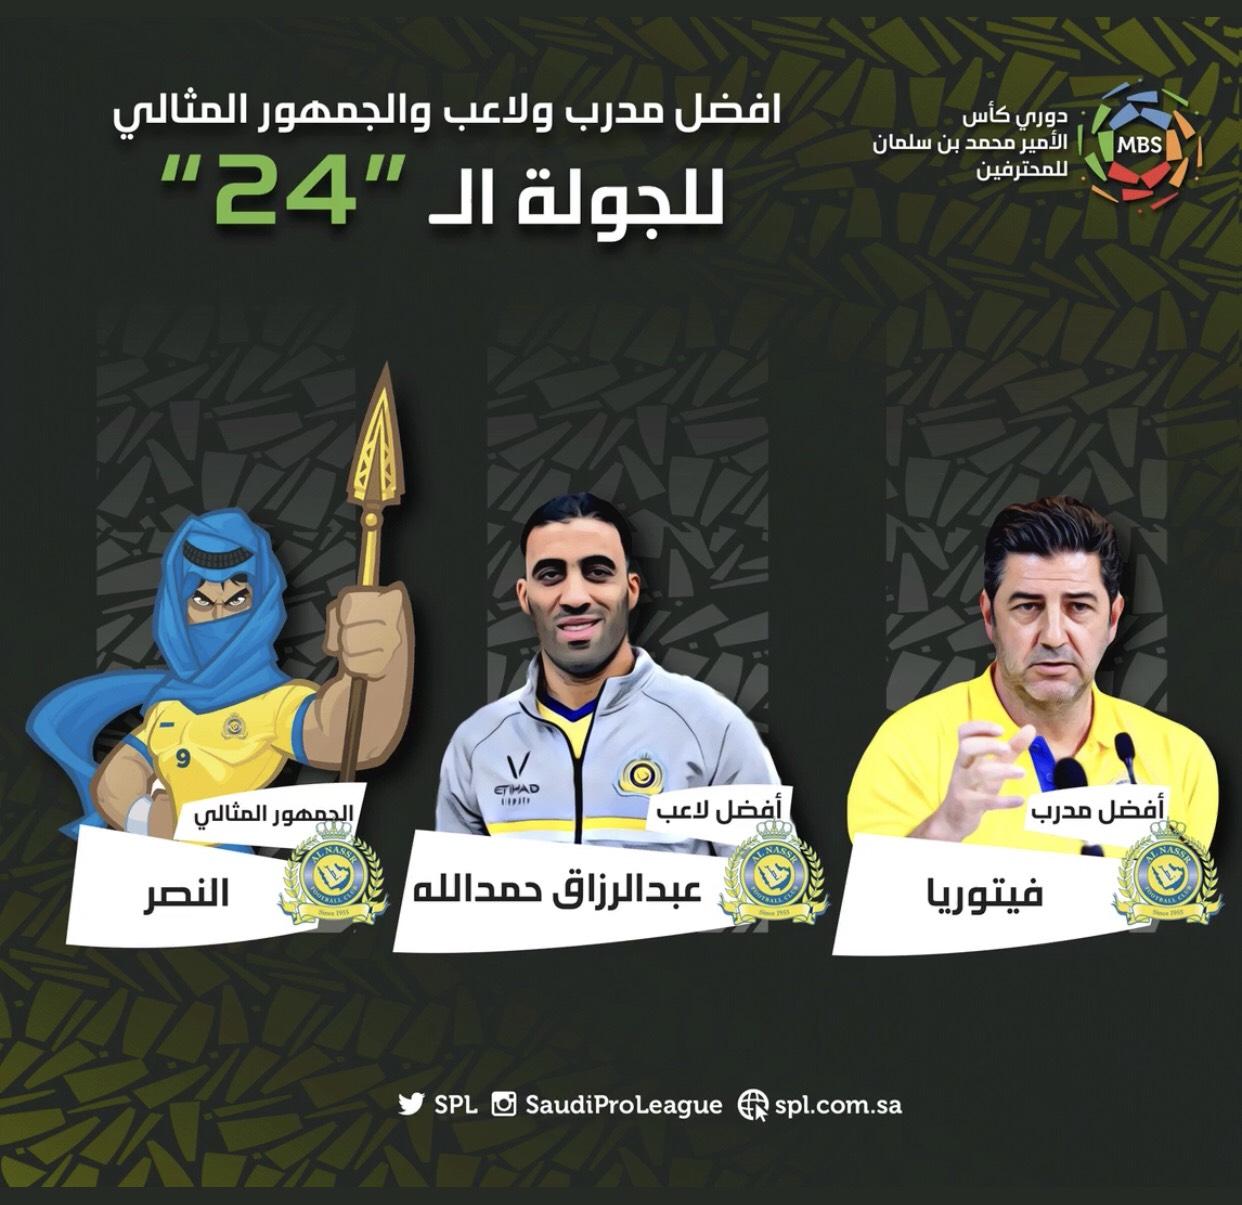 النصراويين يكتسحون جوائز الرابطة